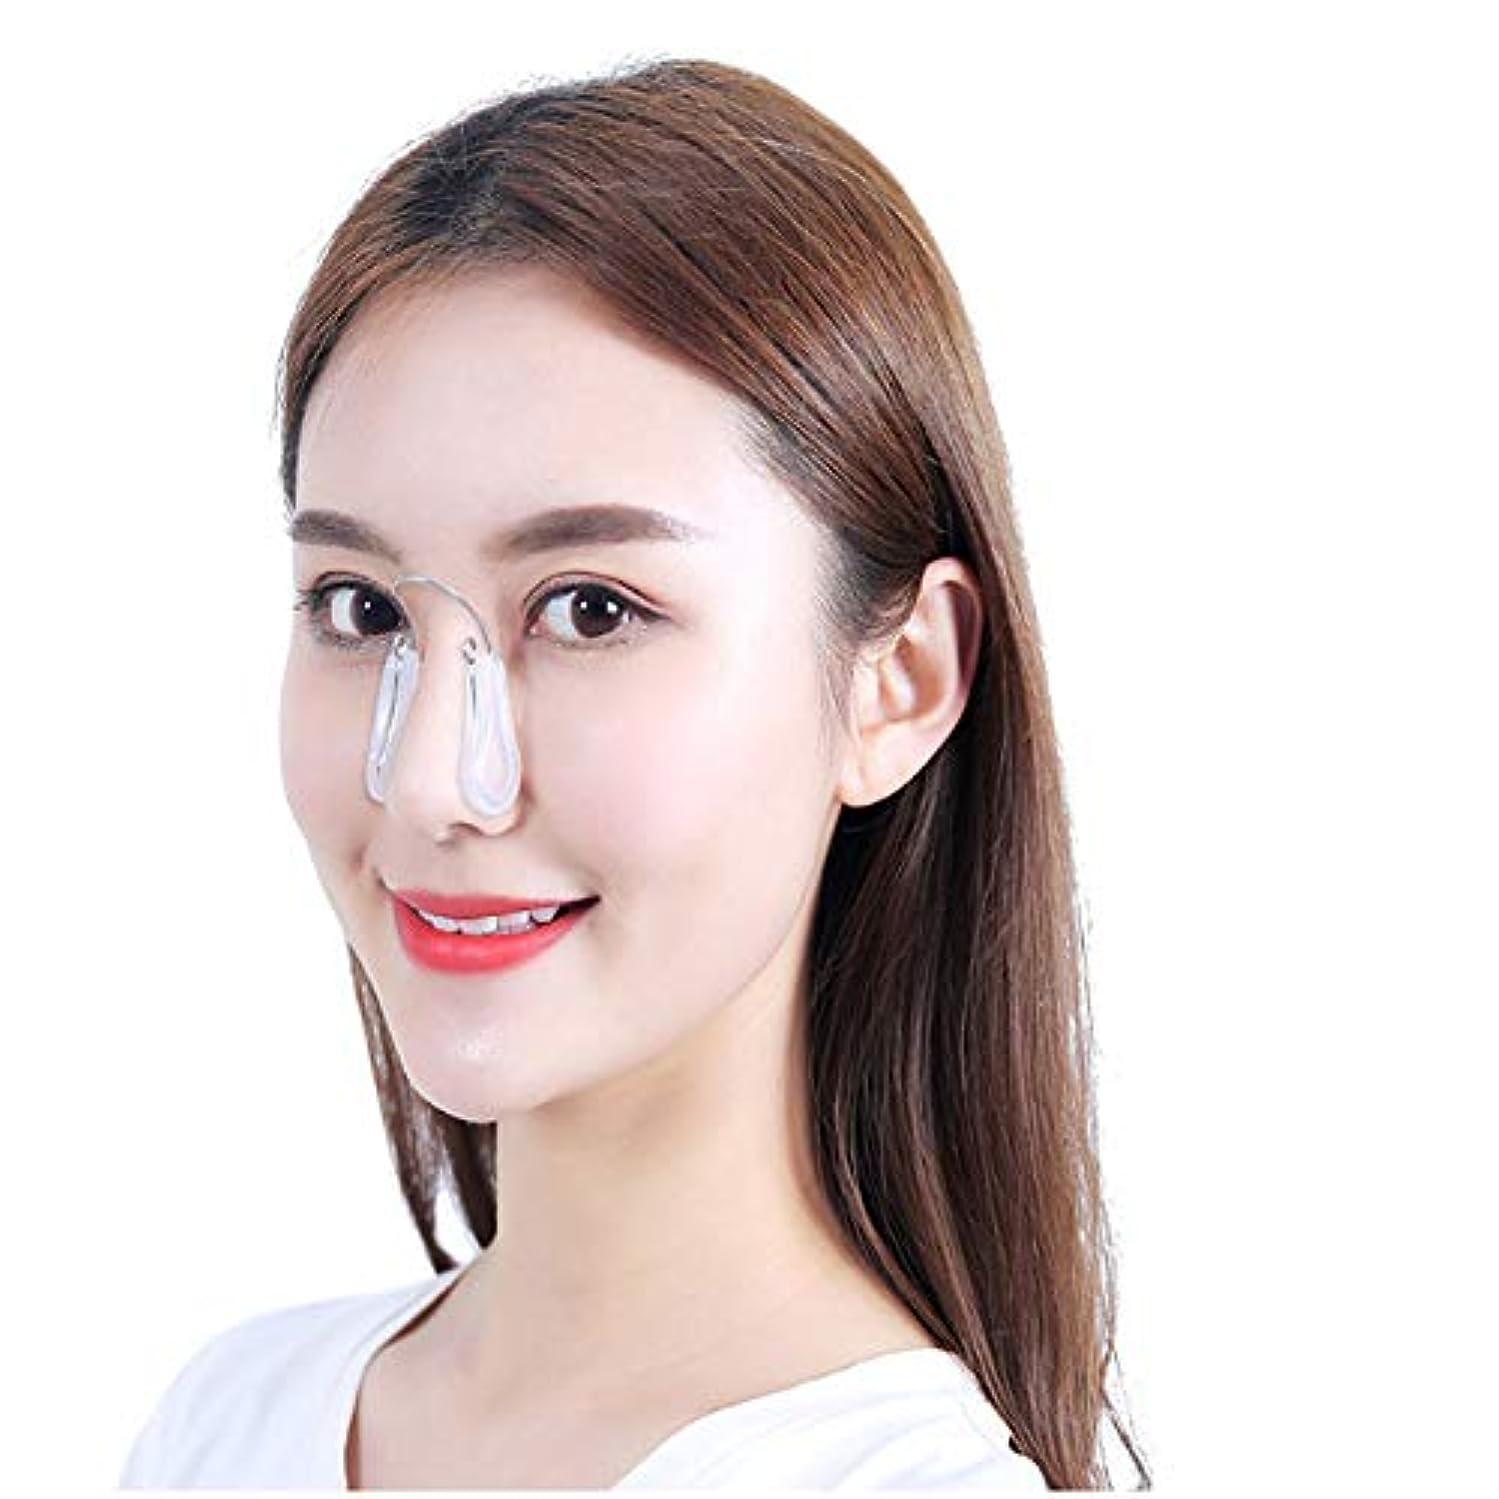 ほぼすなわち急襲GOIOD 美鼻ケア 鼻 人工鼻 増強美容 鼻のデバイスシリコンクリップ 鼻筋矯正 簡単美鼻ケア